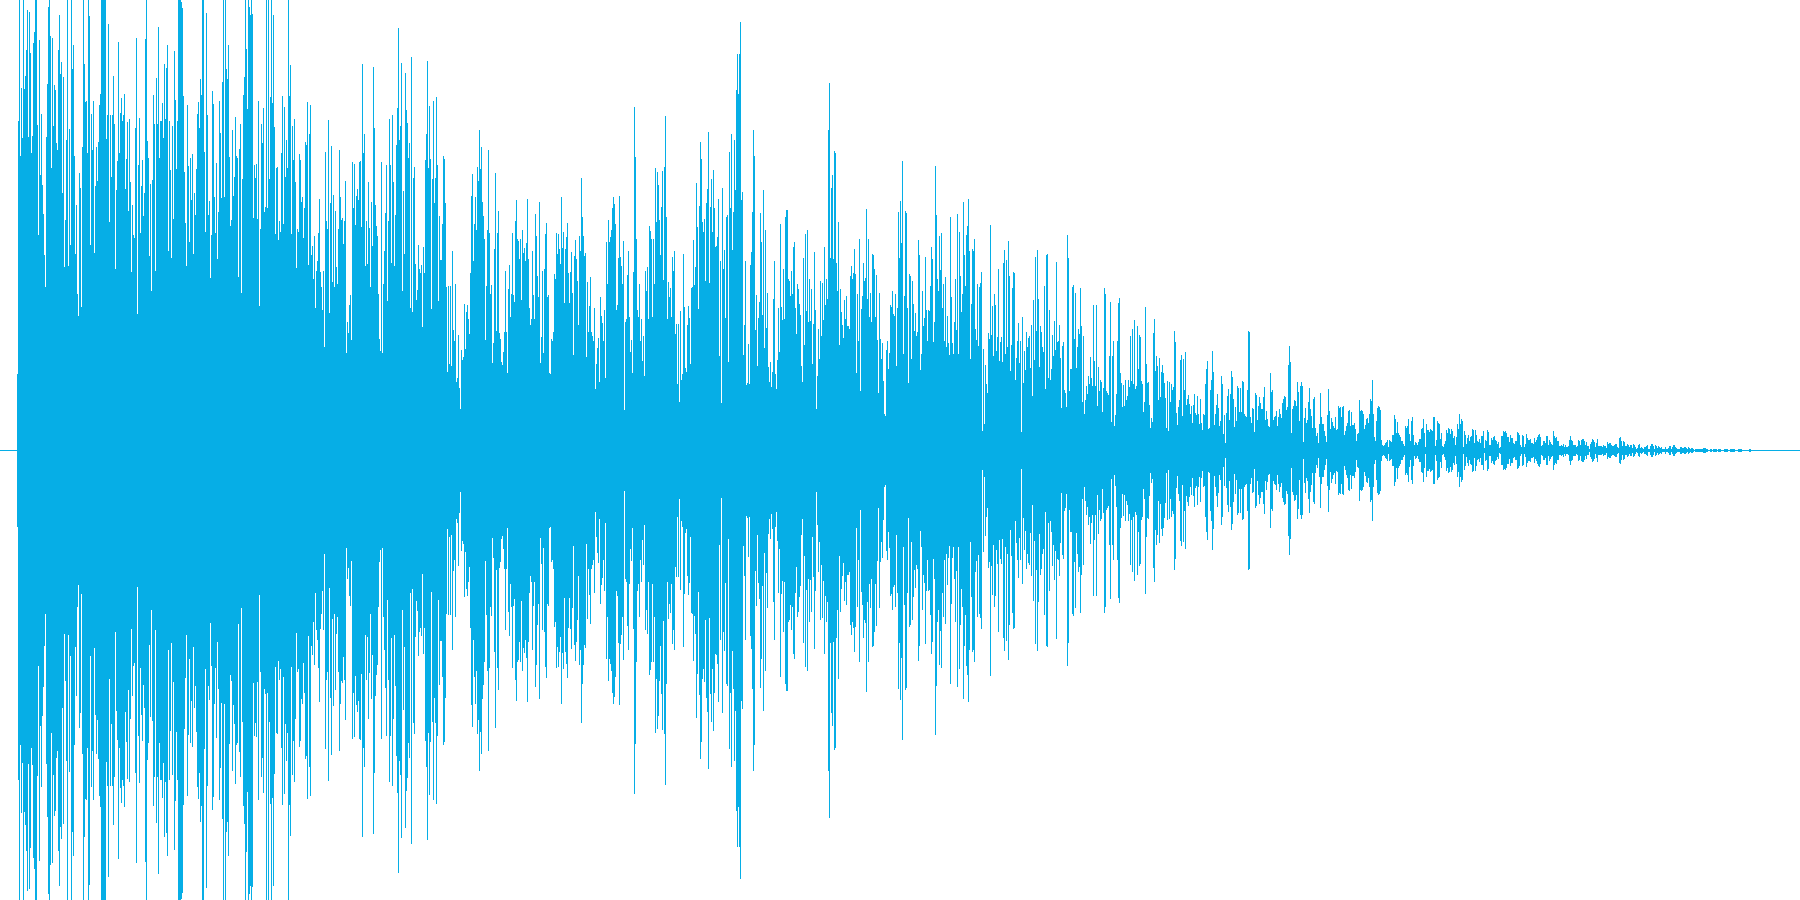 攻撃音、衝撃音、打撃音の再生済みの波形